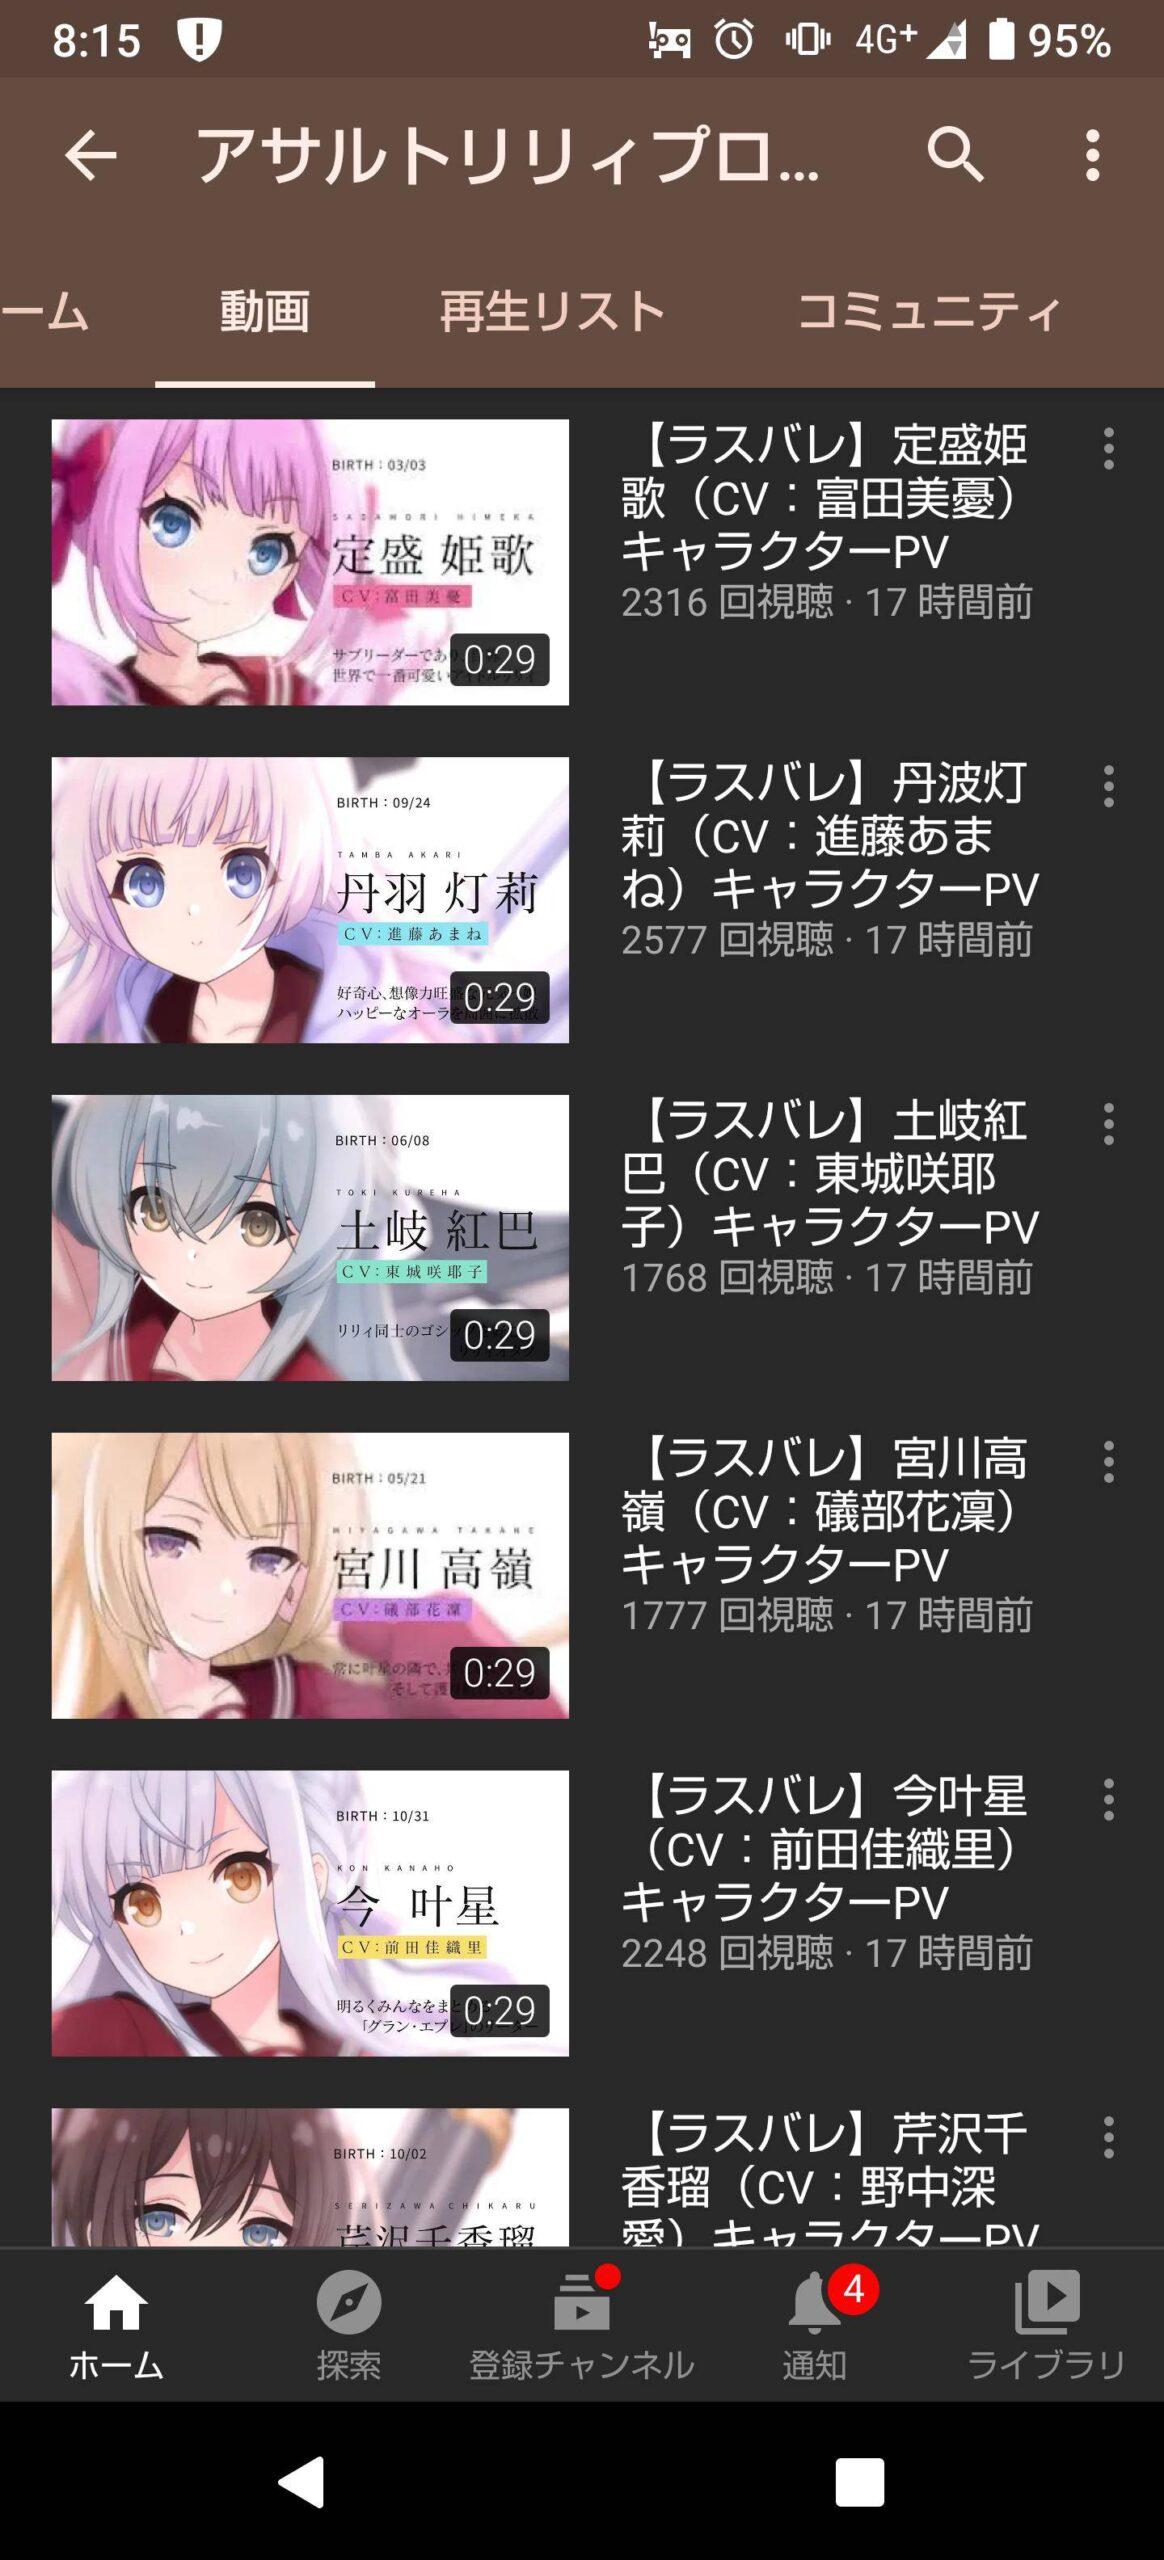 【ラスバレ】キャラクターPVの再生数で真のキャラ人気わかる残酷